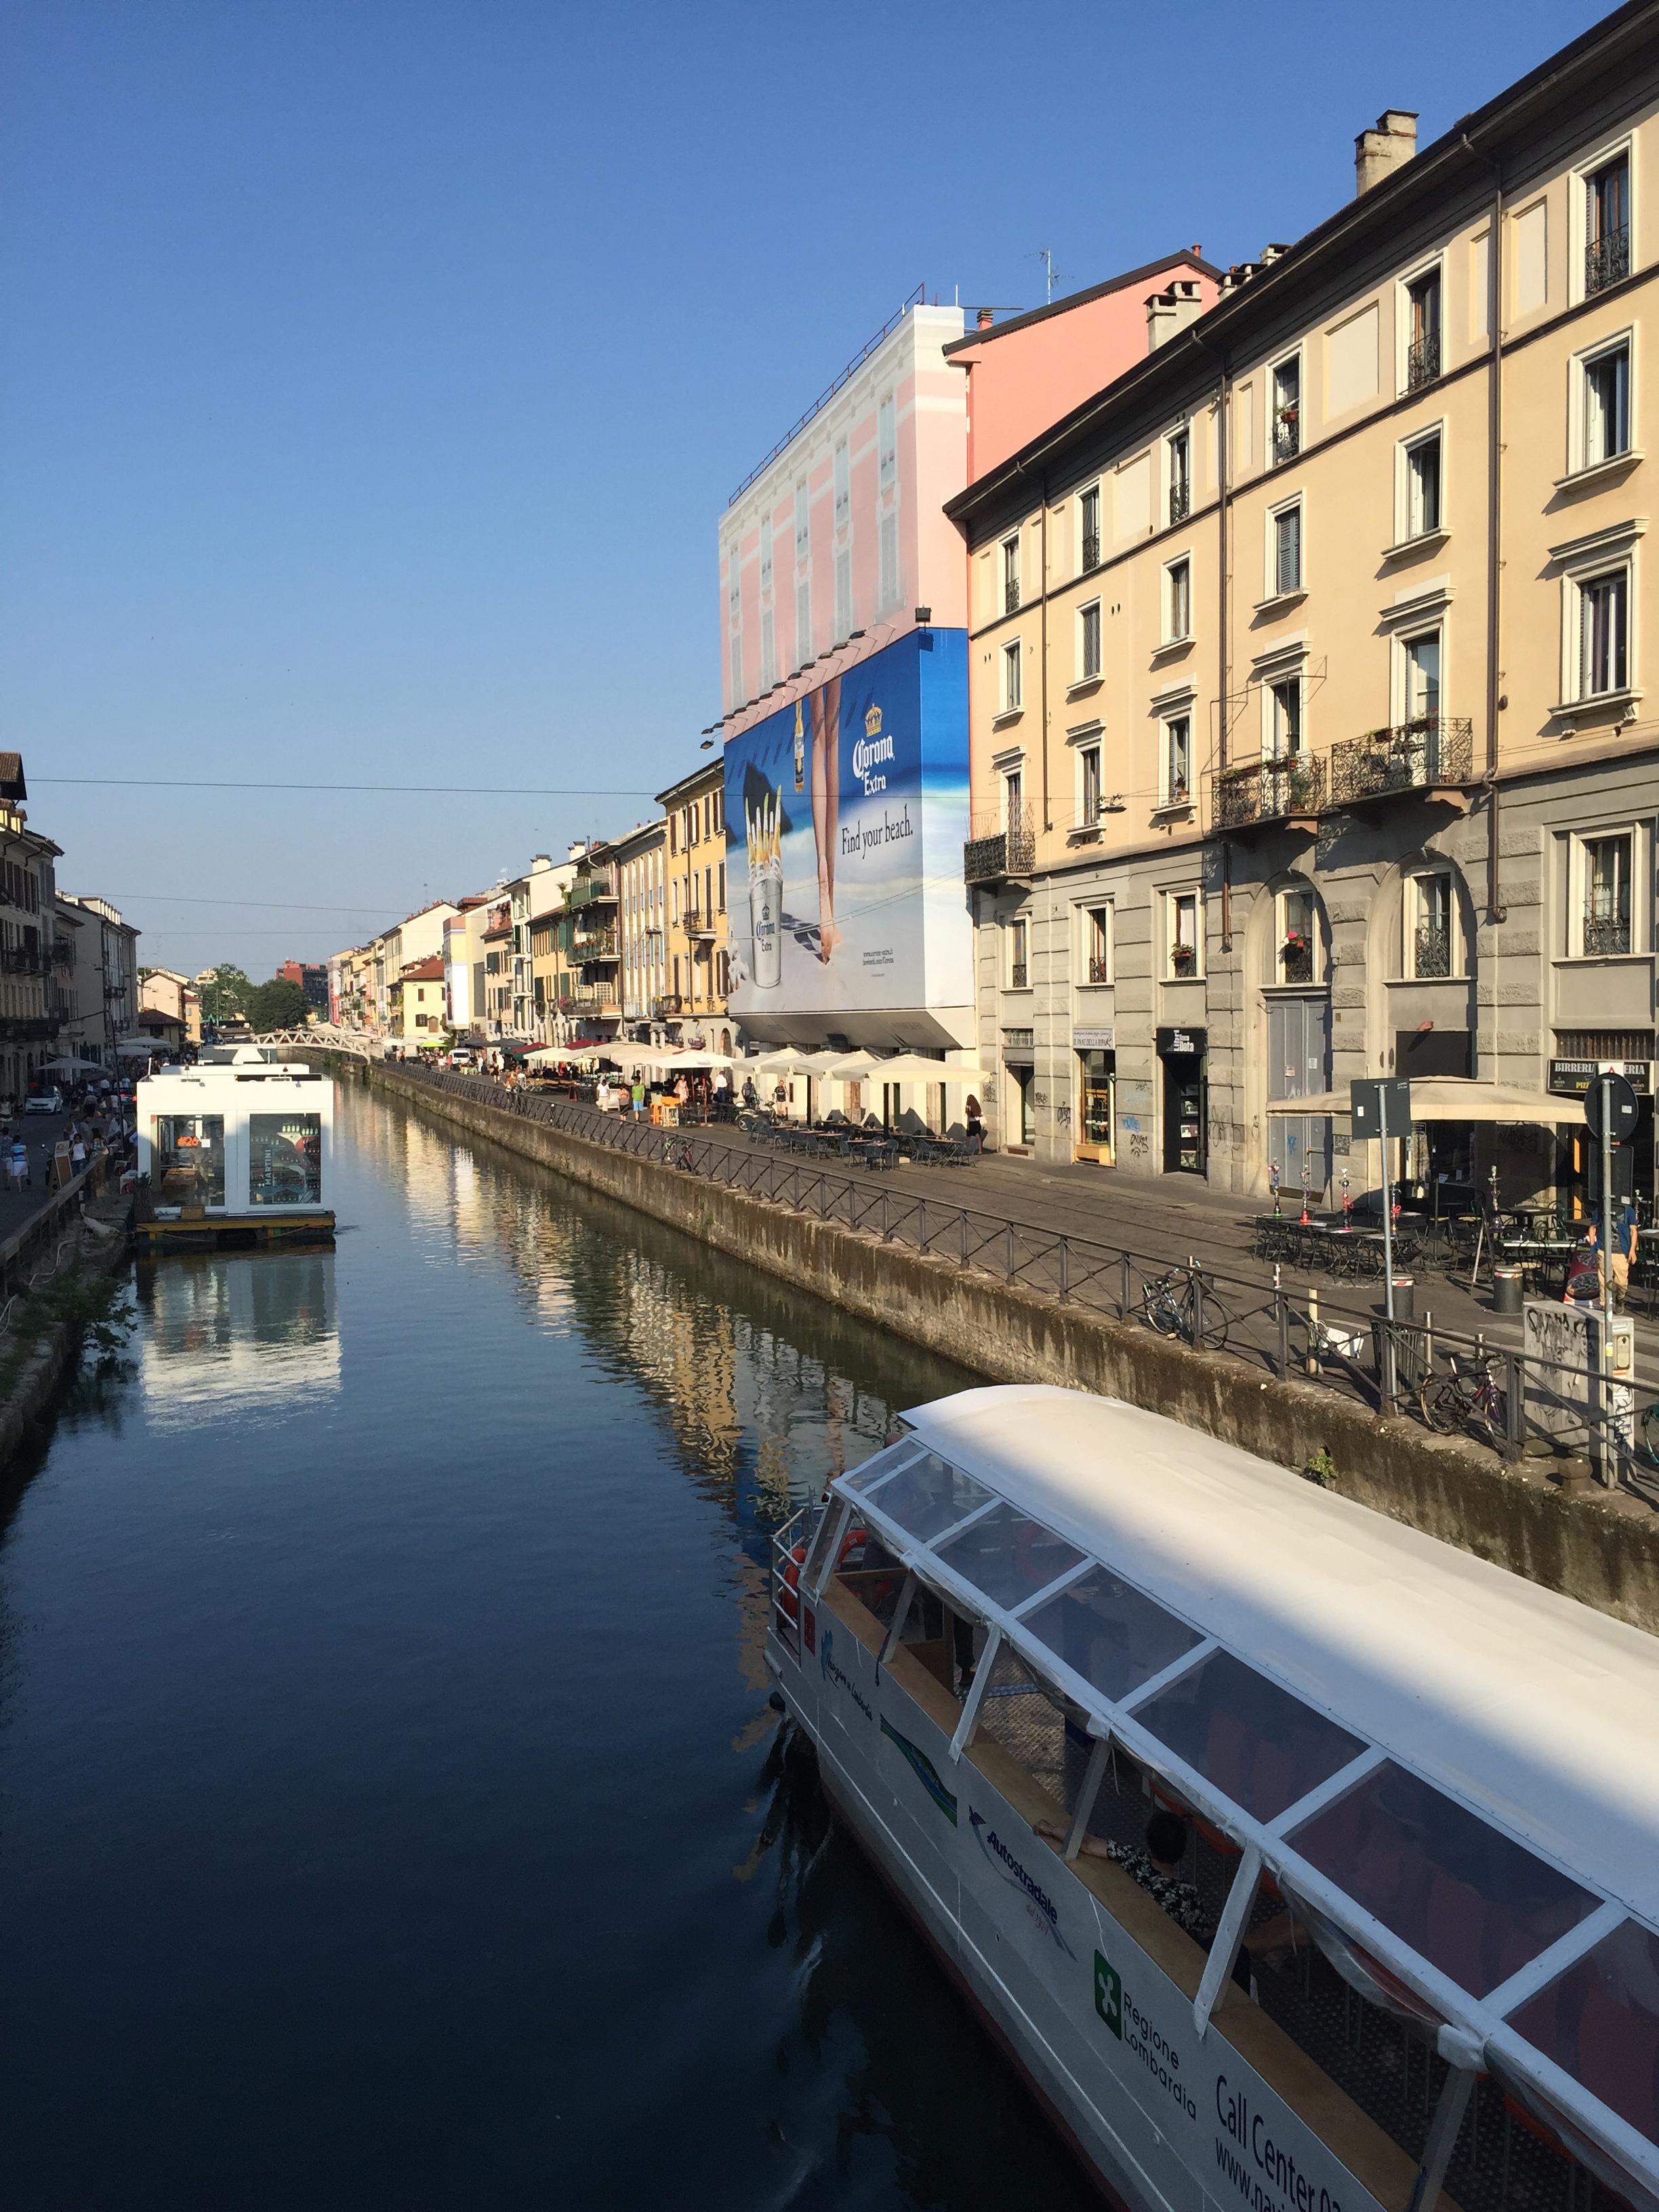 Invigli Via Ascanio boats bldgs